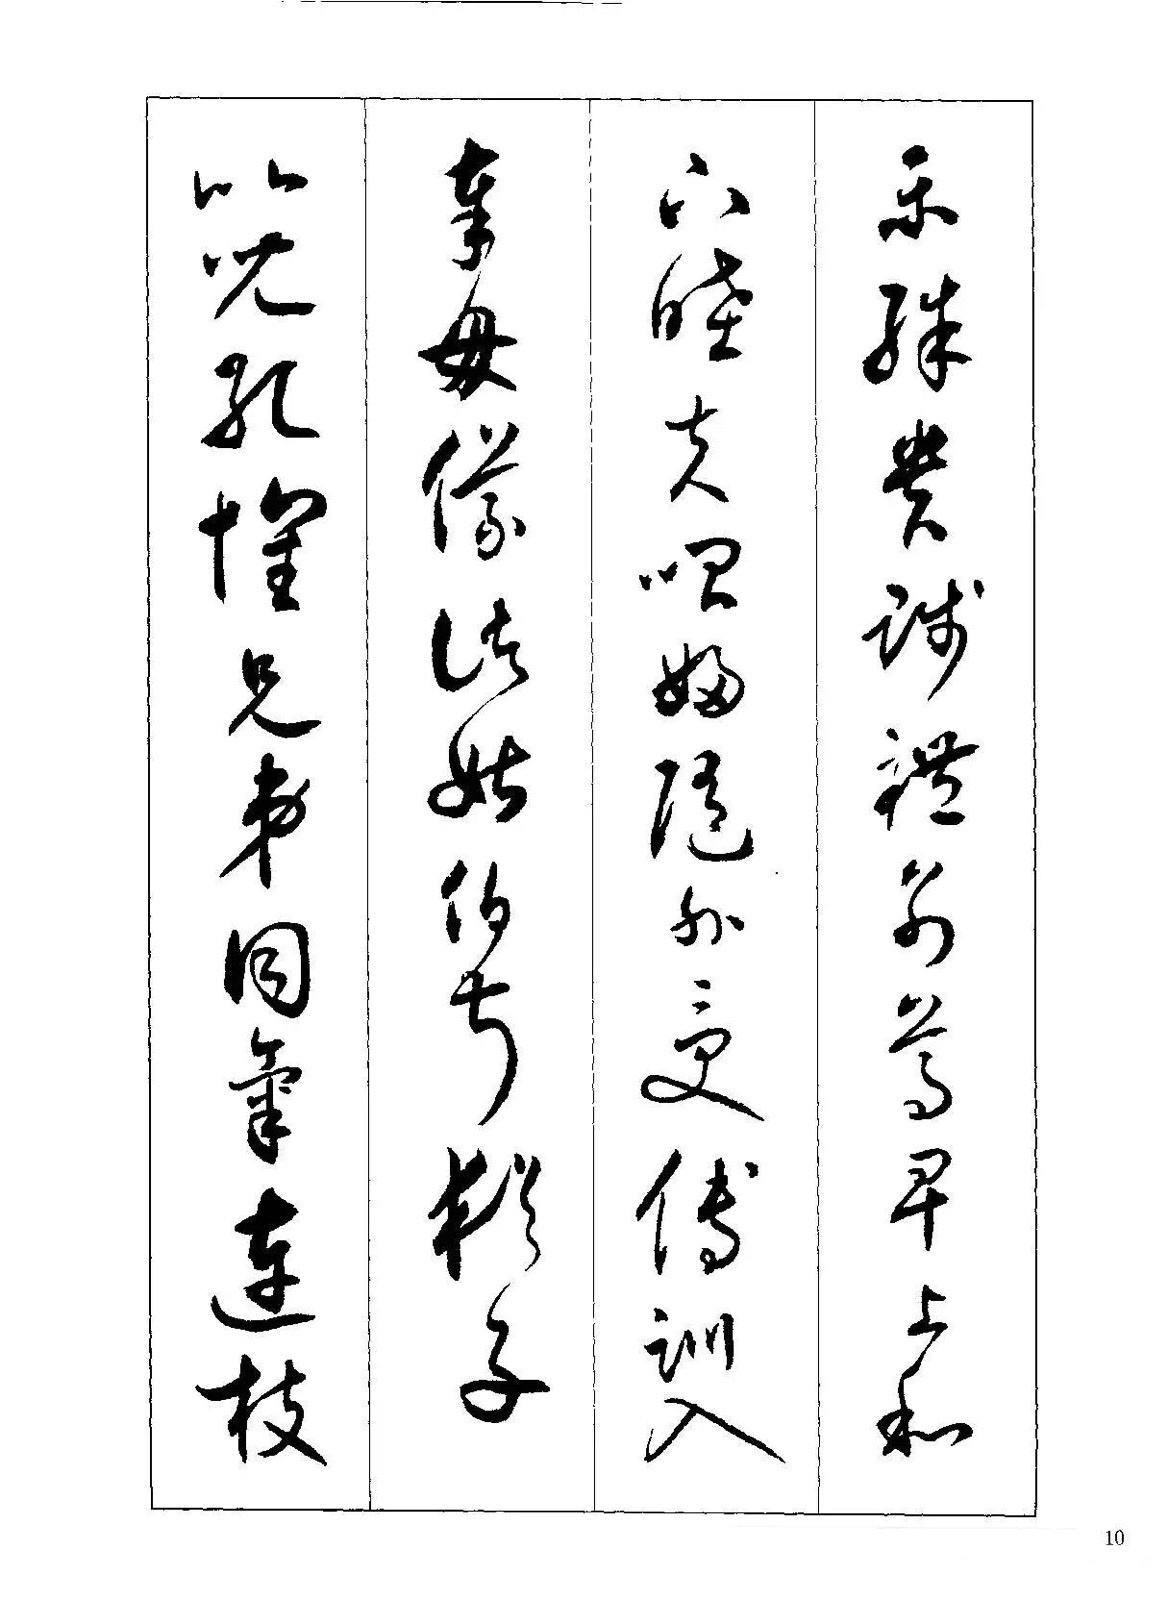 《沈尹默书小草千字文》3.2